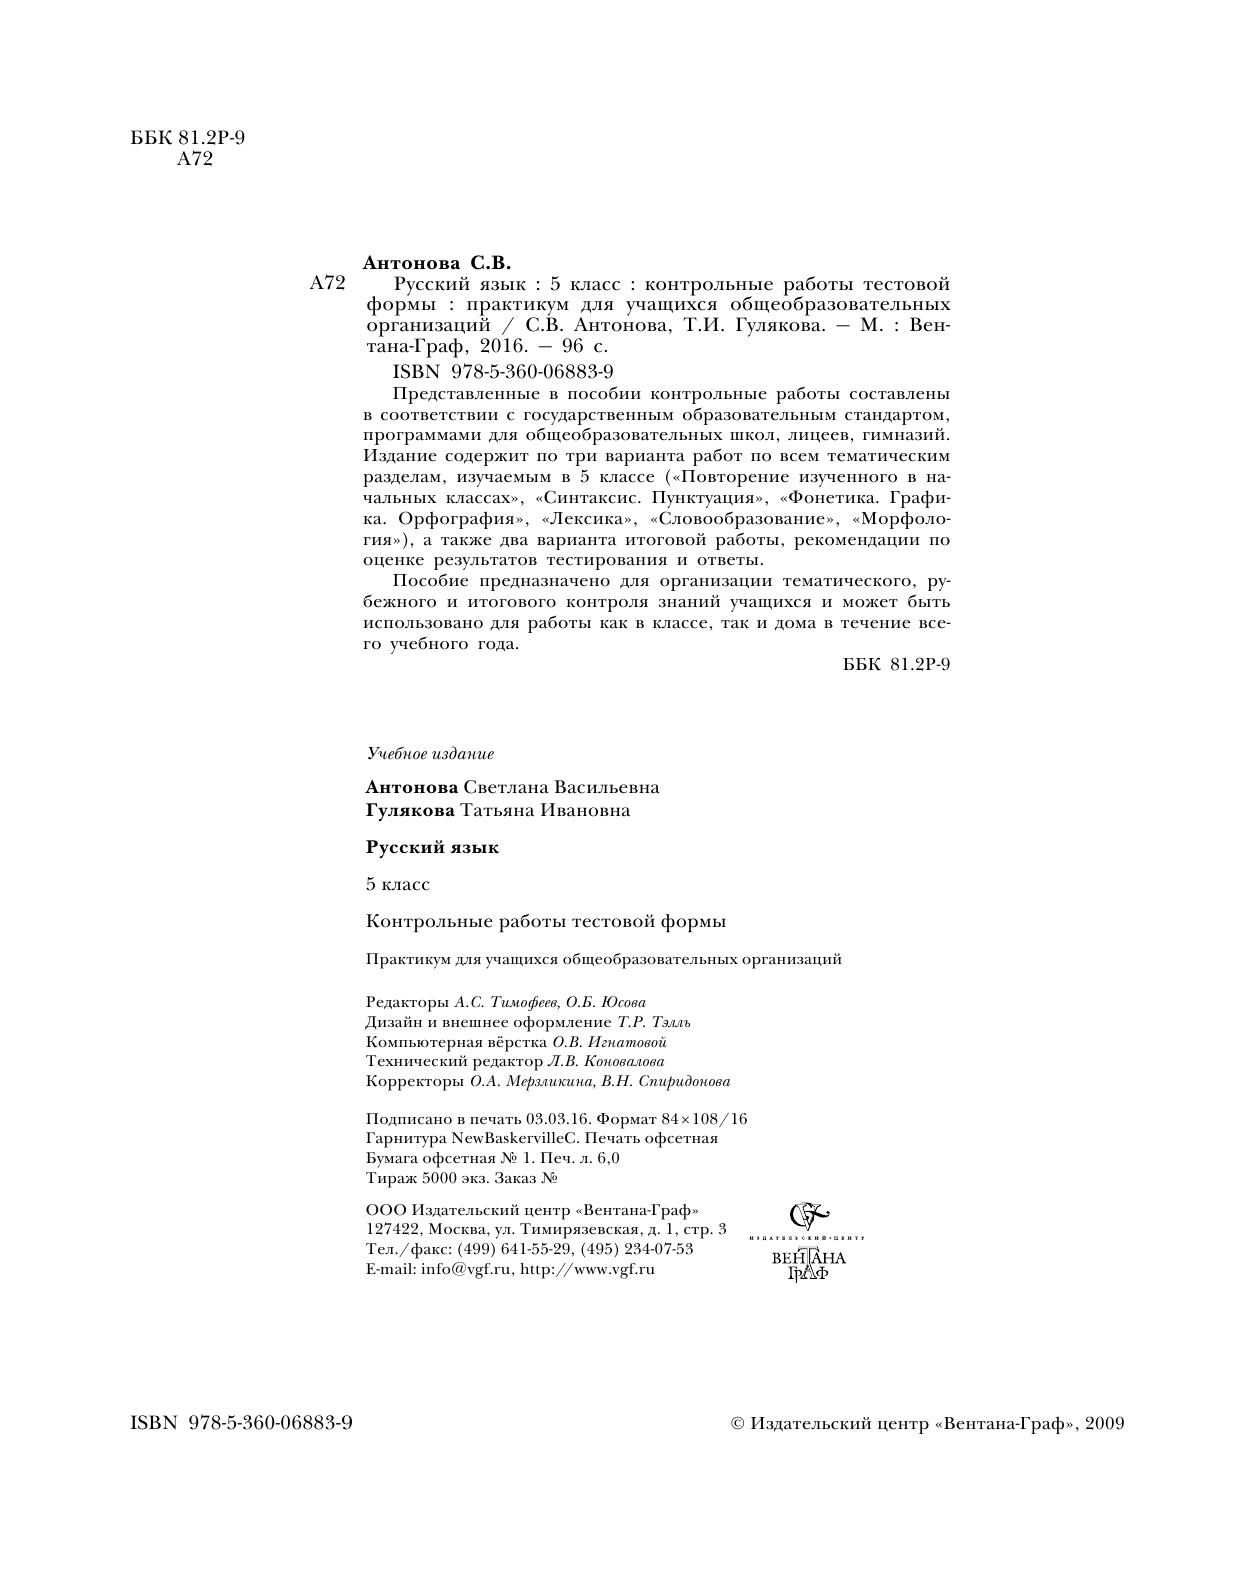 По класса тестовой работы формы контрольные языку русском 5 гдз